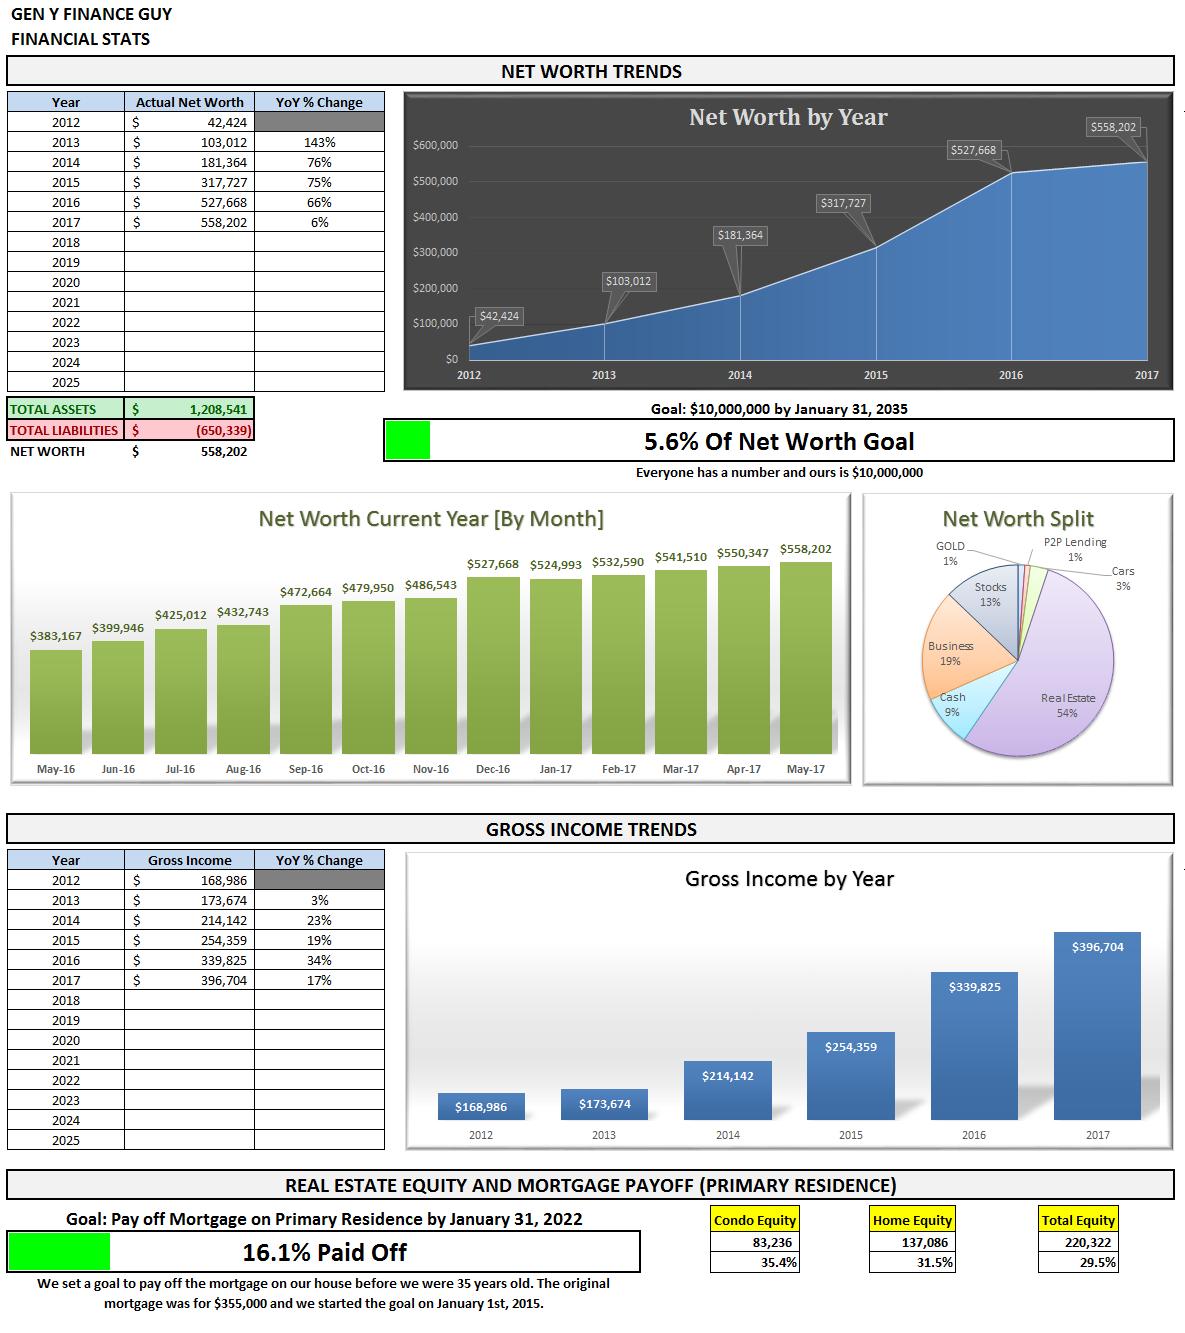 May 2017 Financial Stats